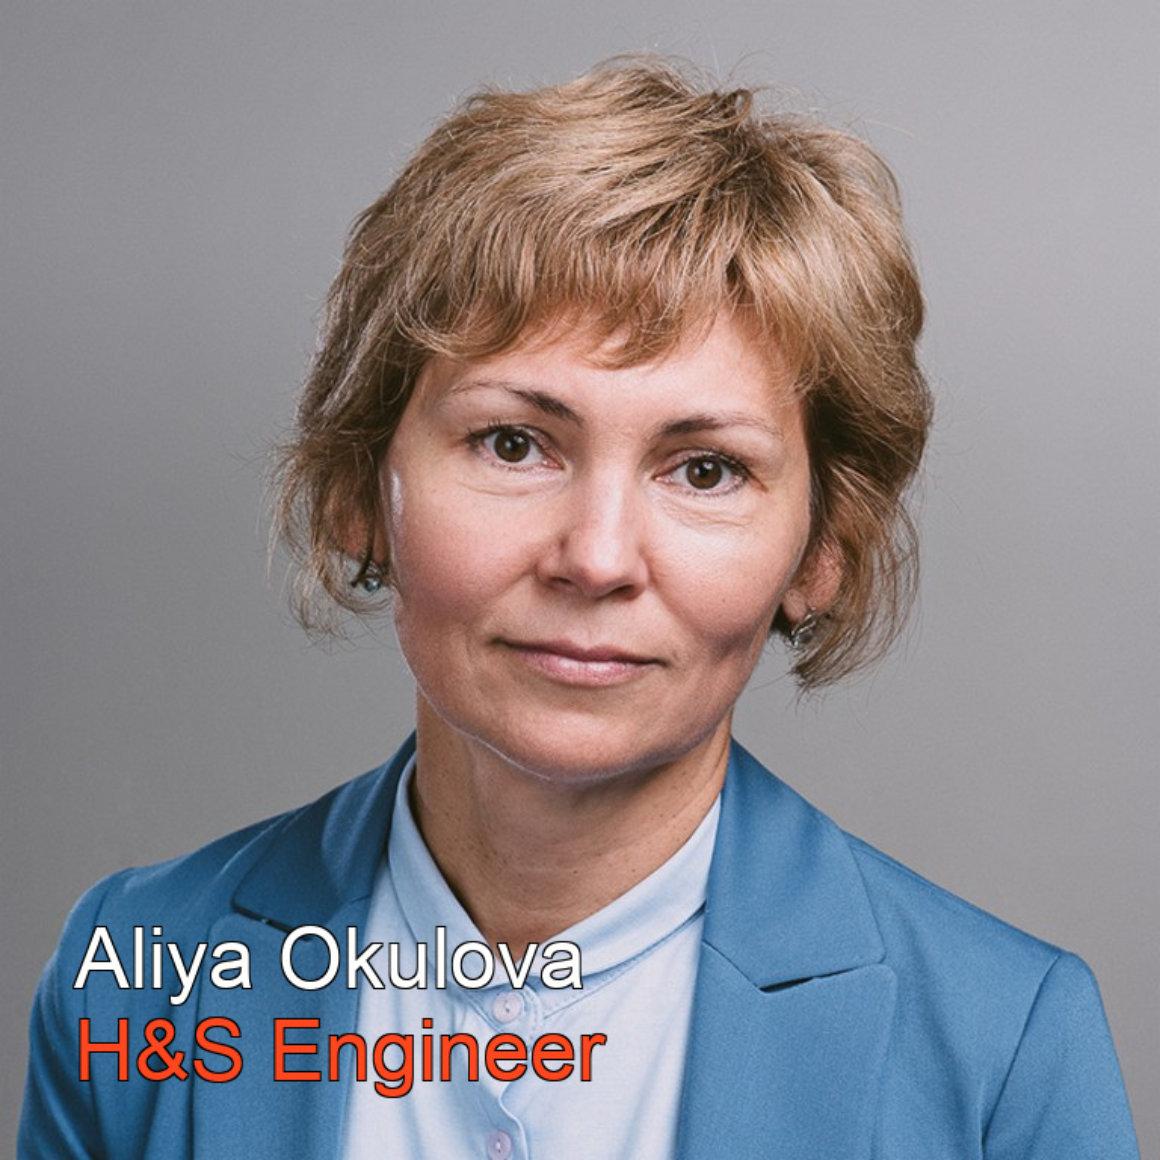 Aliya Okulova HS Engineer BW